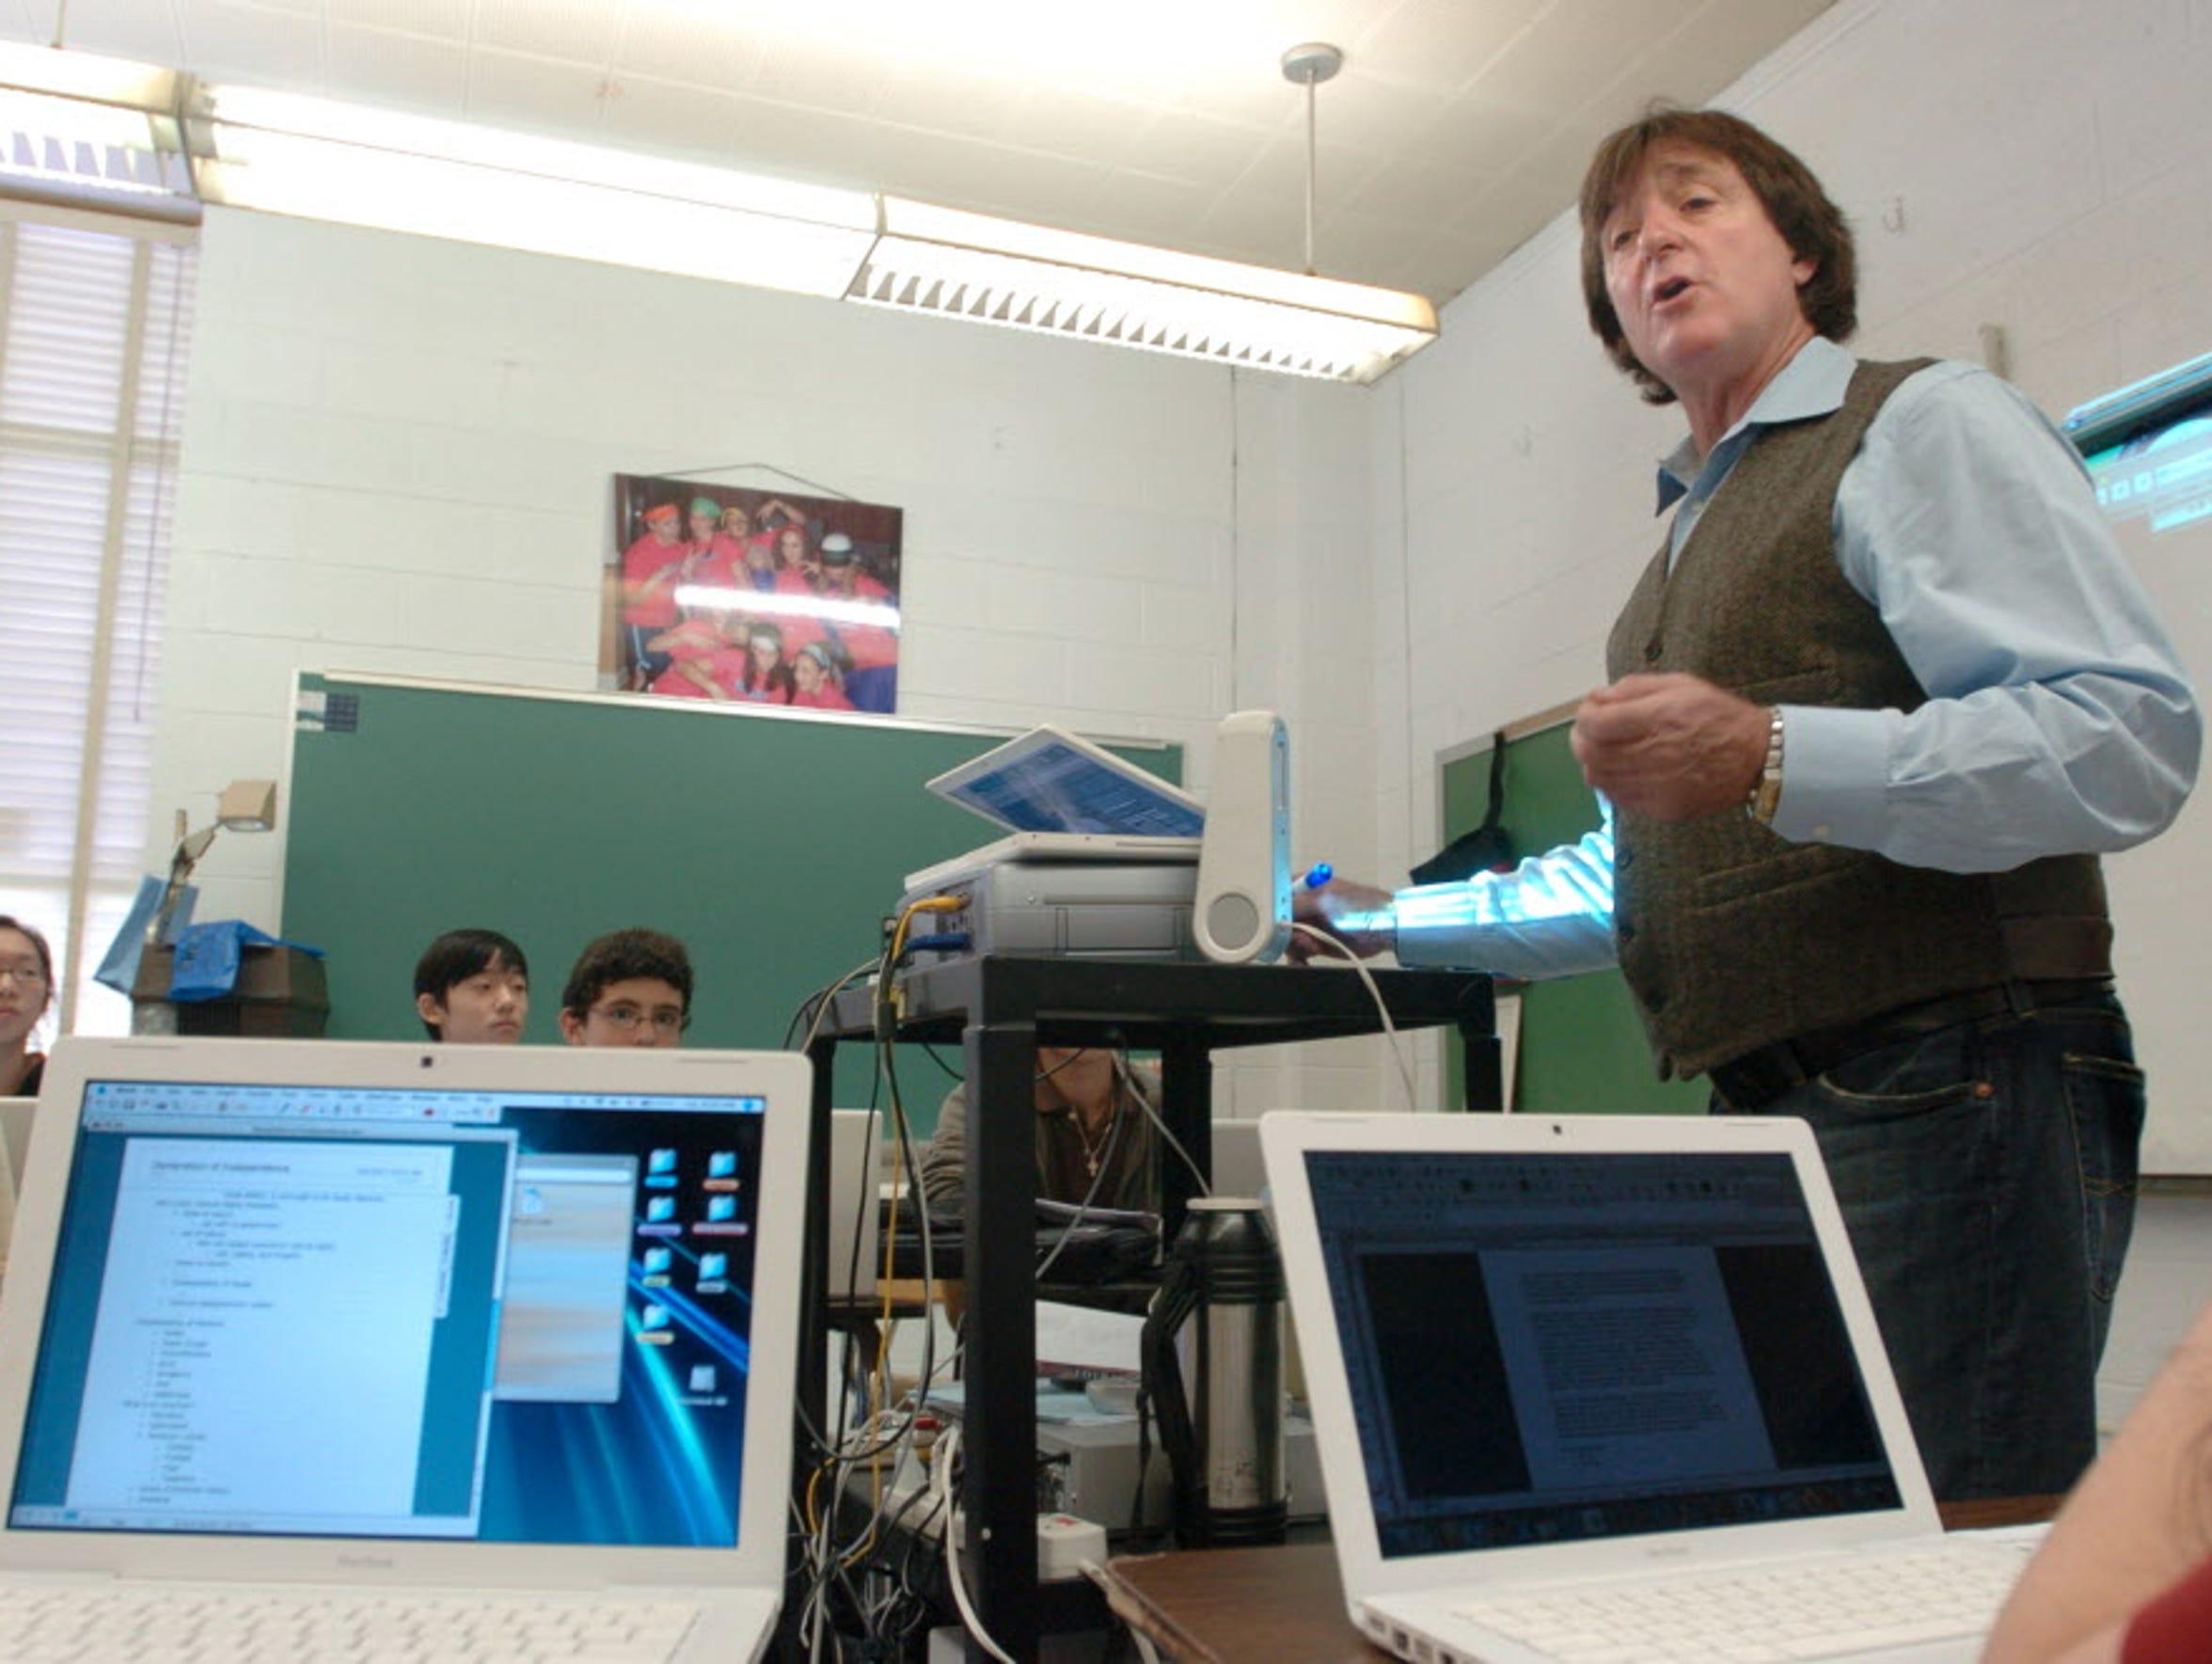 Pascack Valley High School teacher Jeff Jasper teaches